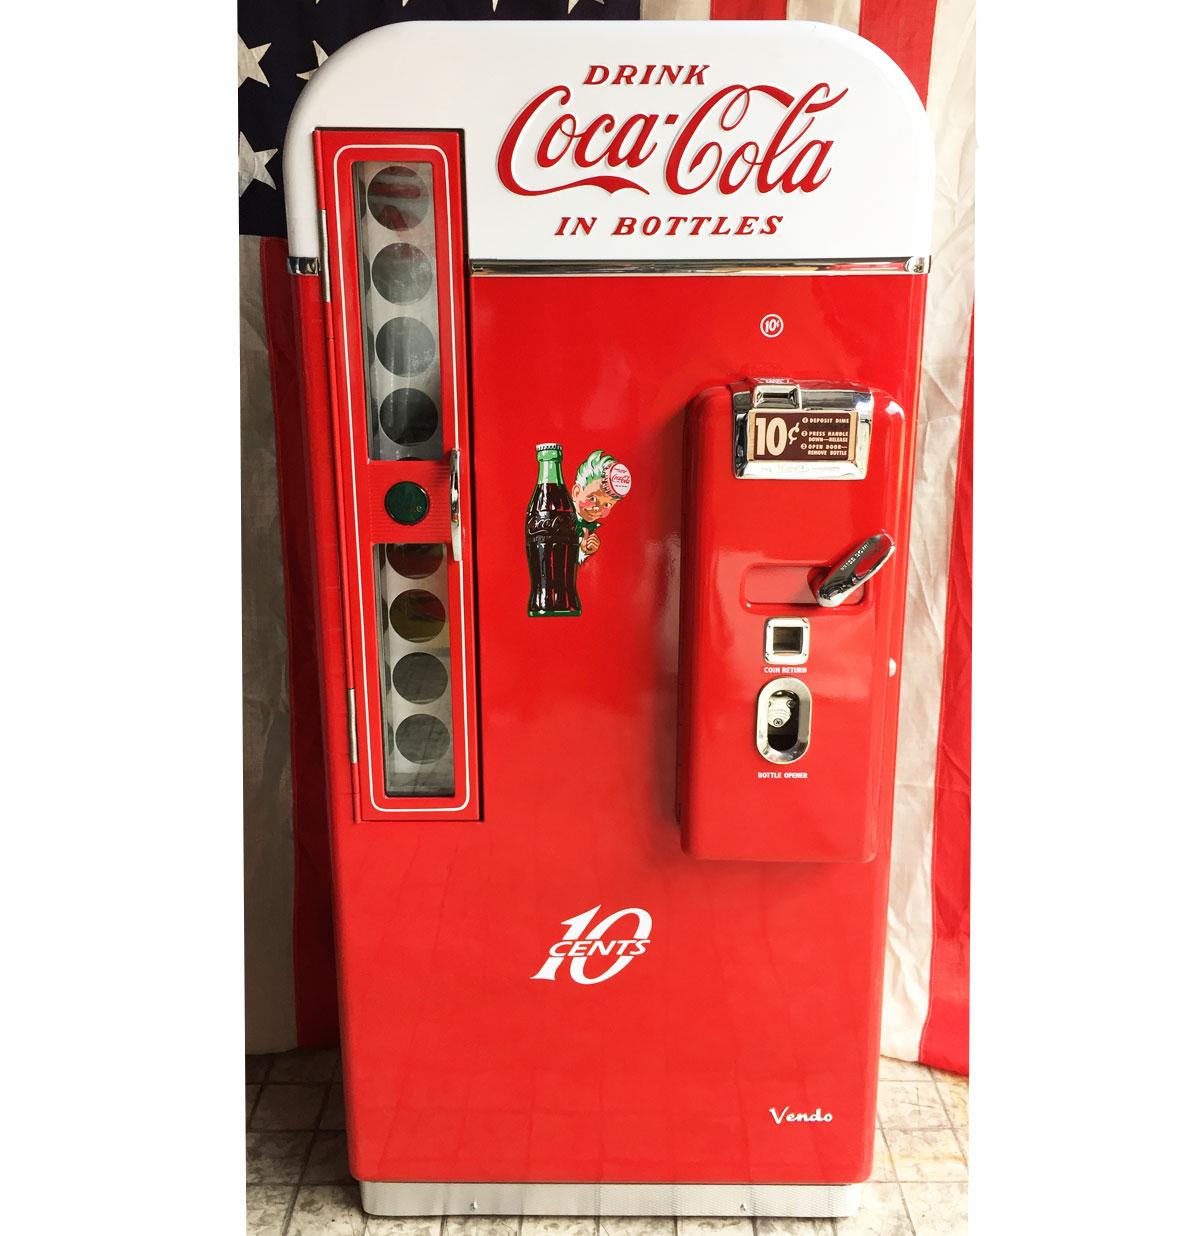 Coca-Cola Vendo 81 gerestaureerde Coke Flesjes Machine (Beschikbaar Mei 2018)